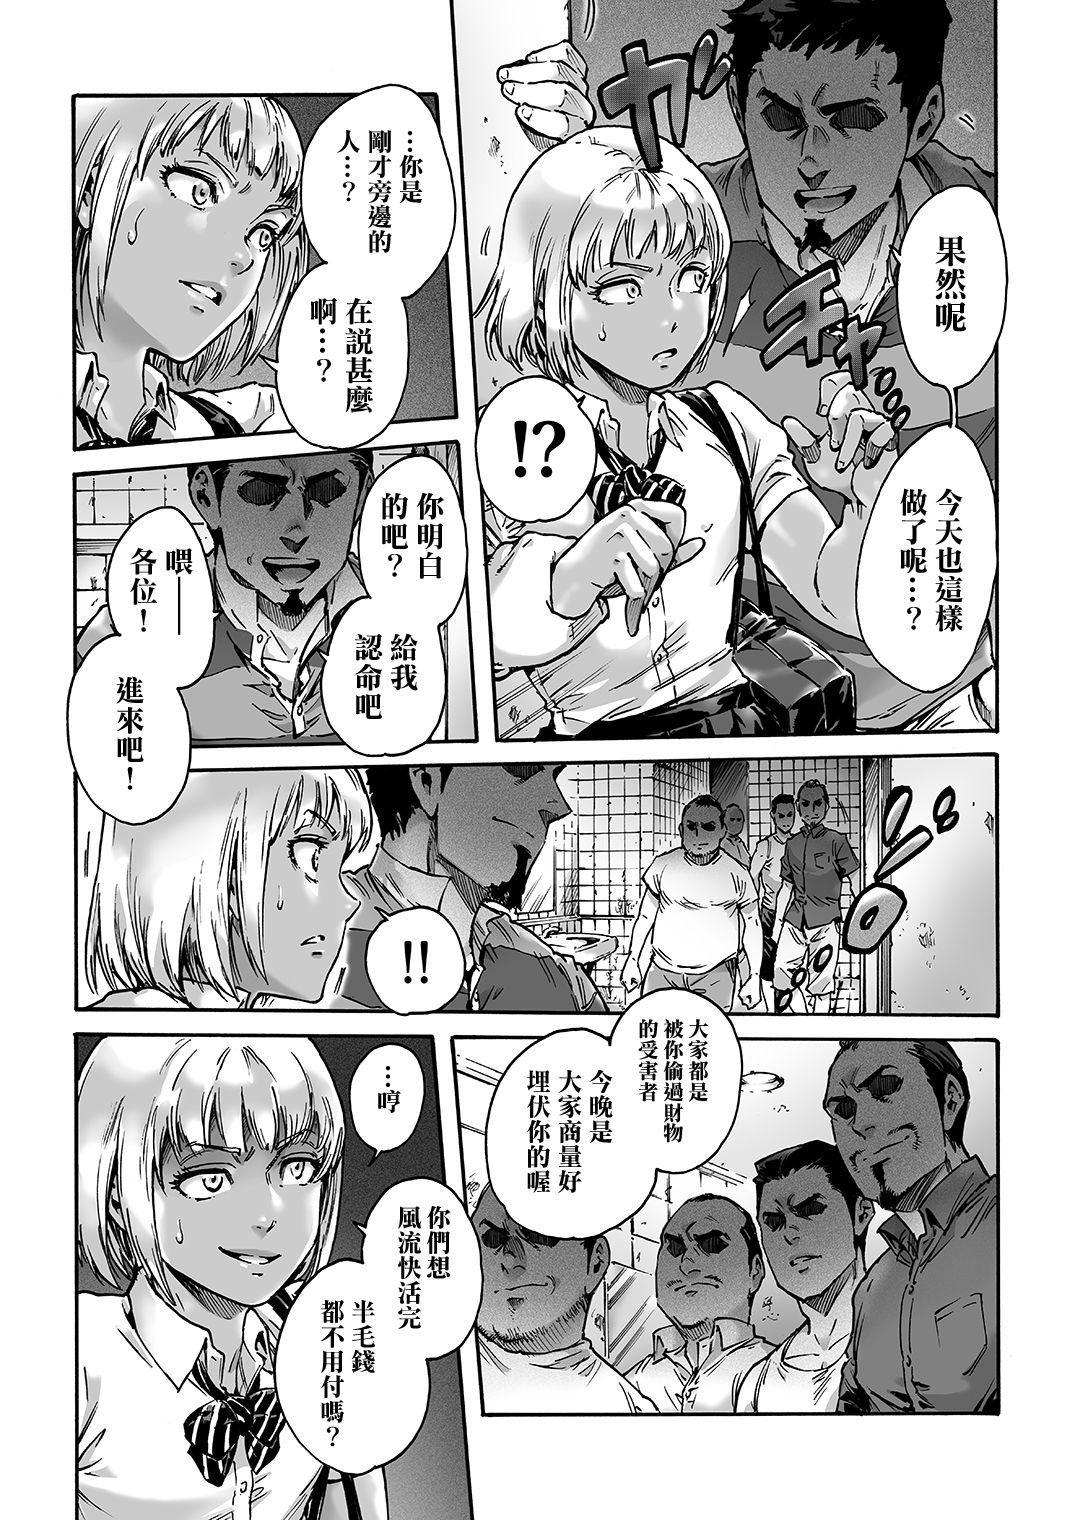 Onoko to. ACT 1 Kuro Gal Onoko 8